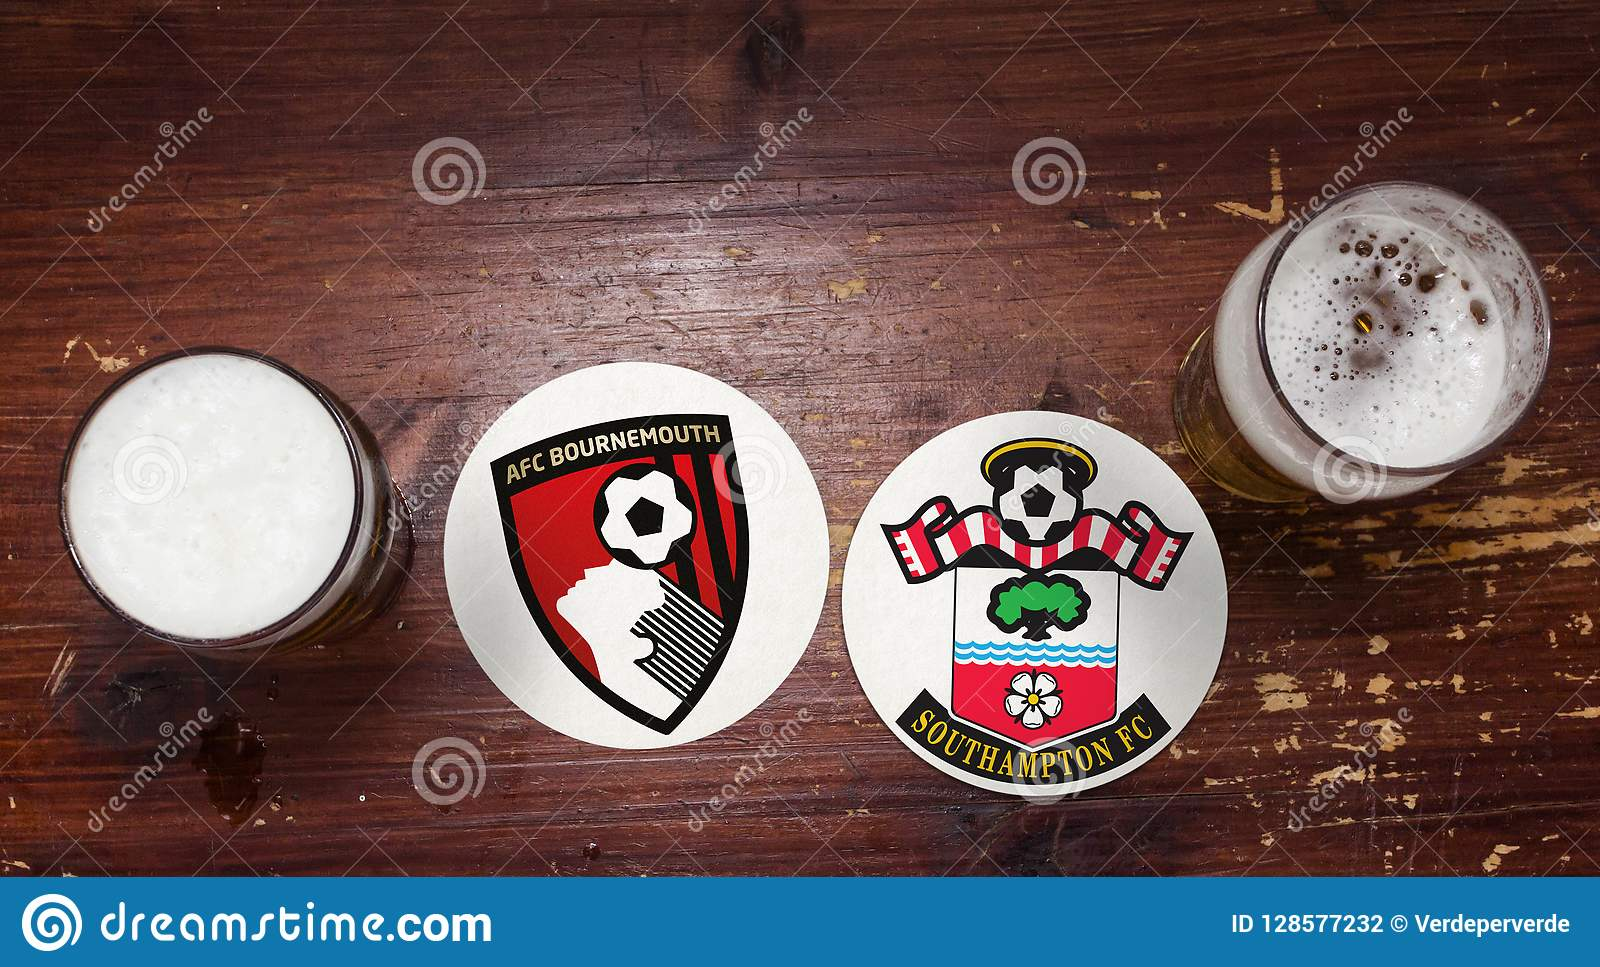 Bournemouth vs. Southampton